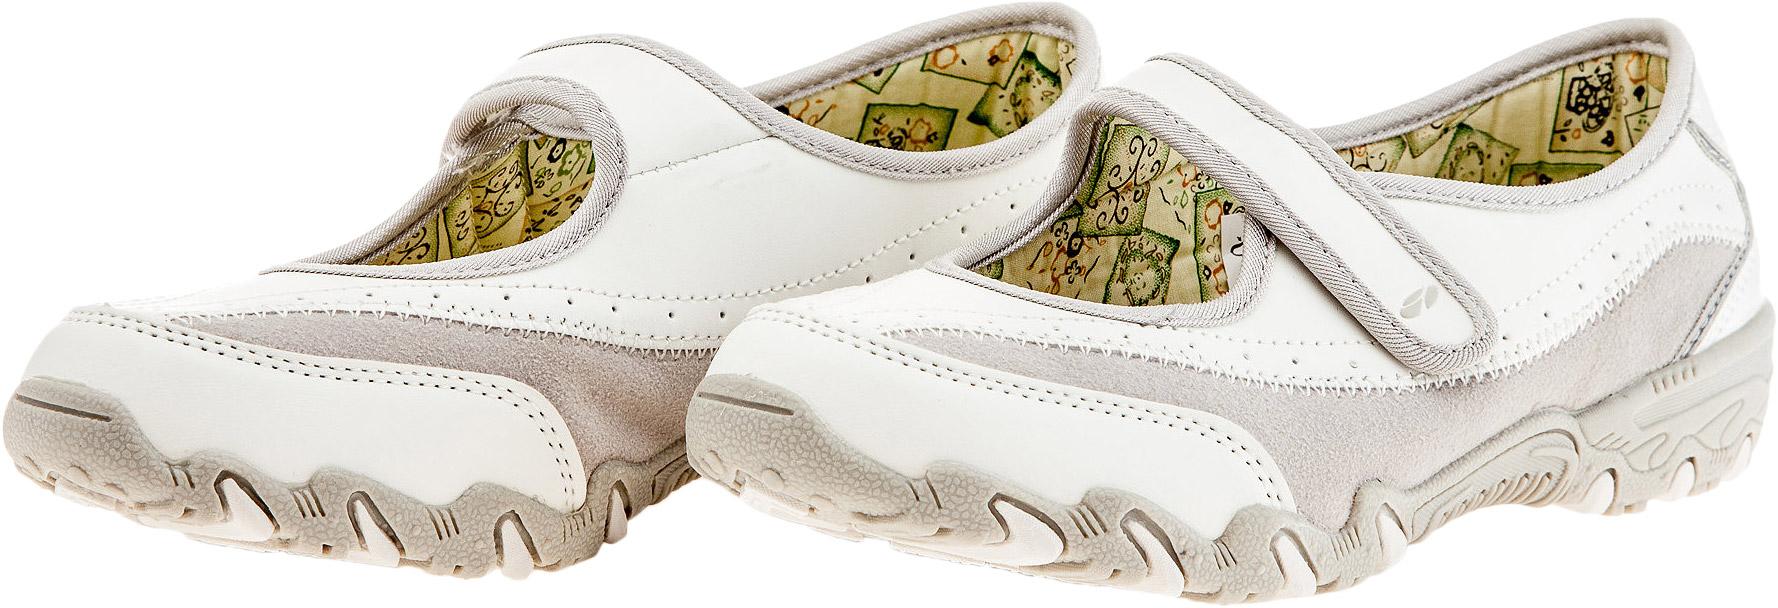 2444b1575b1 Numero Uno KIBIS 2 L. Dámská lifestylová obuv